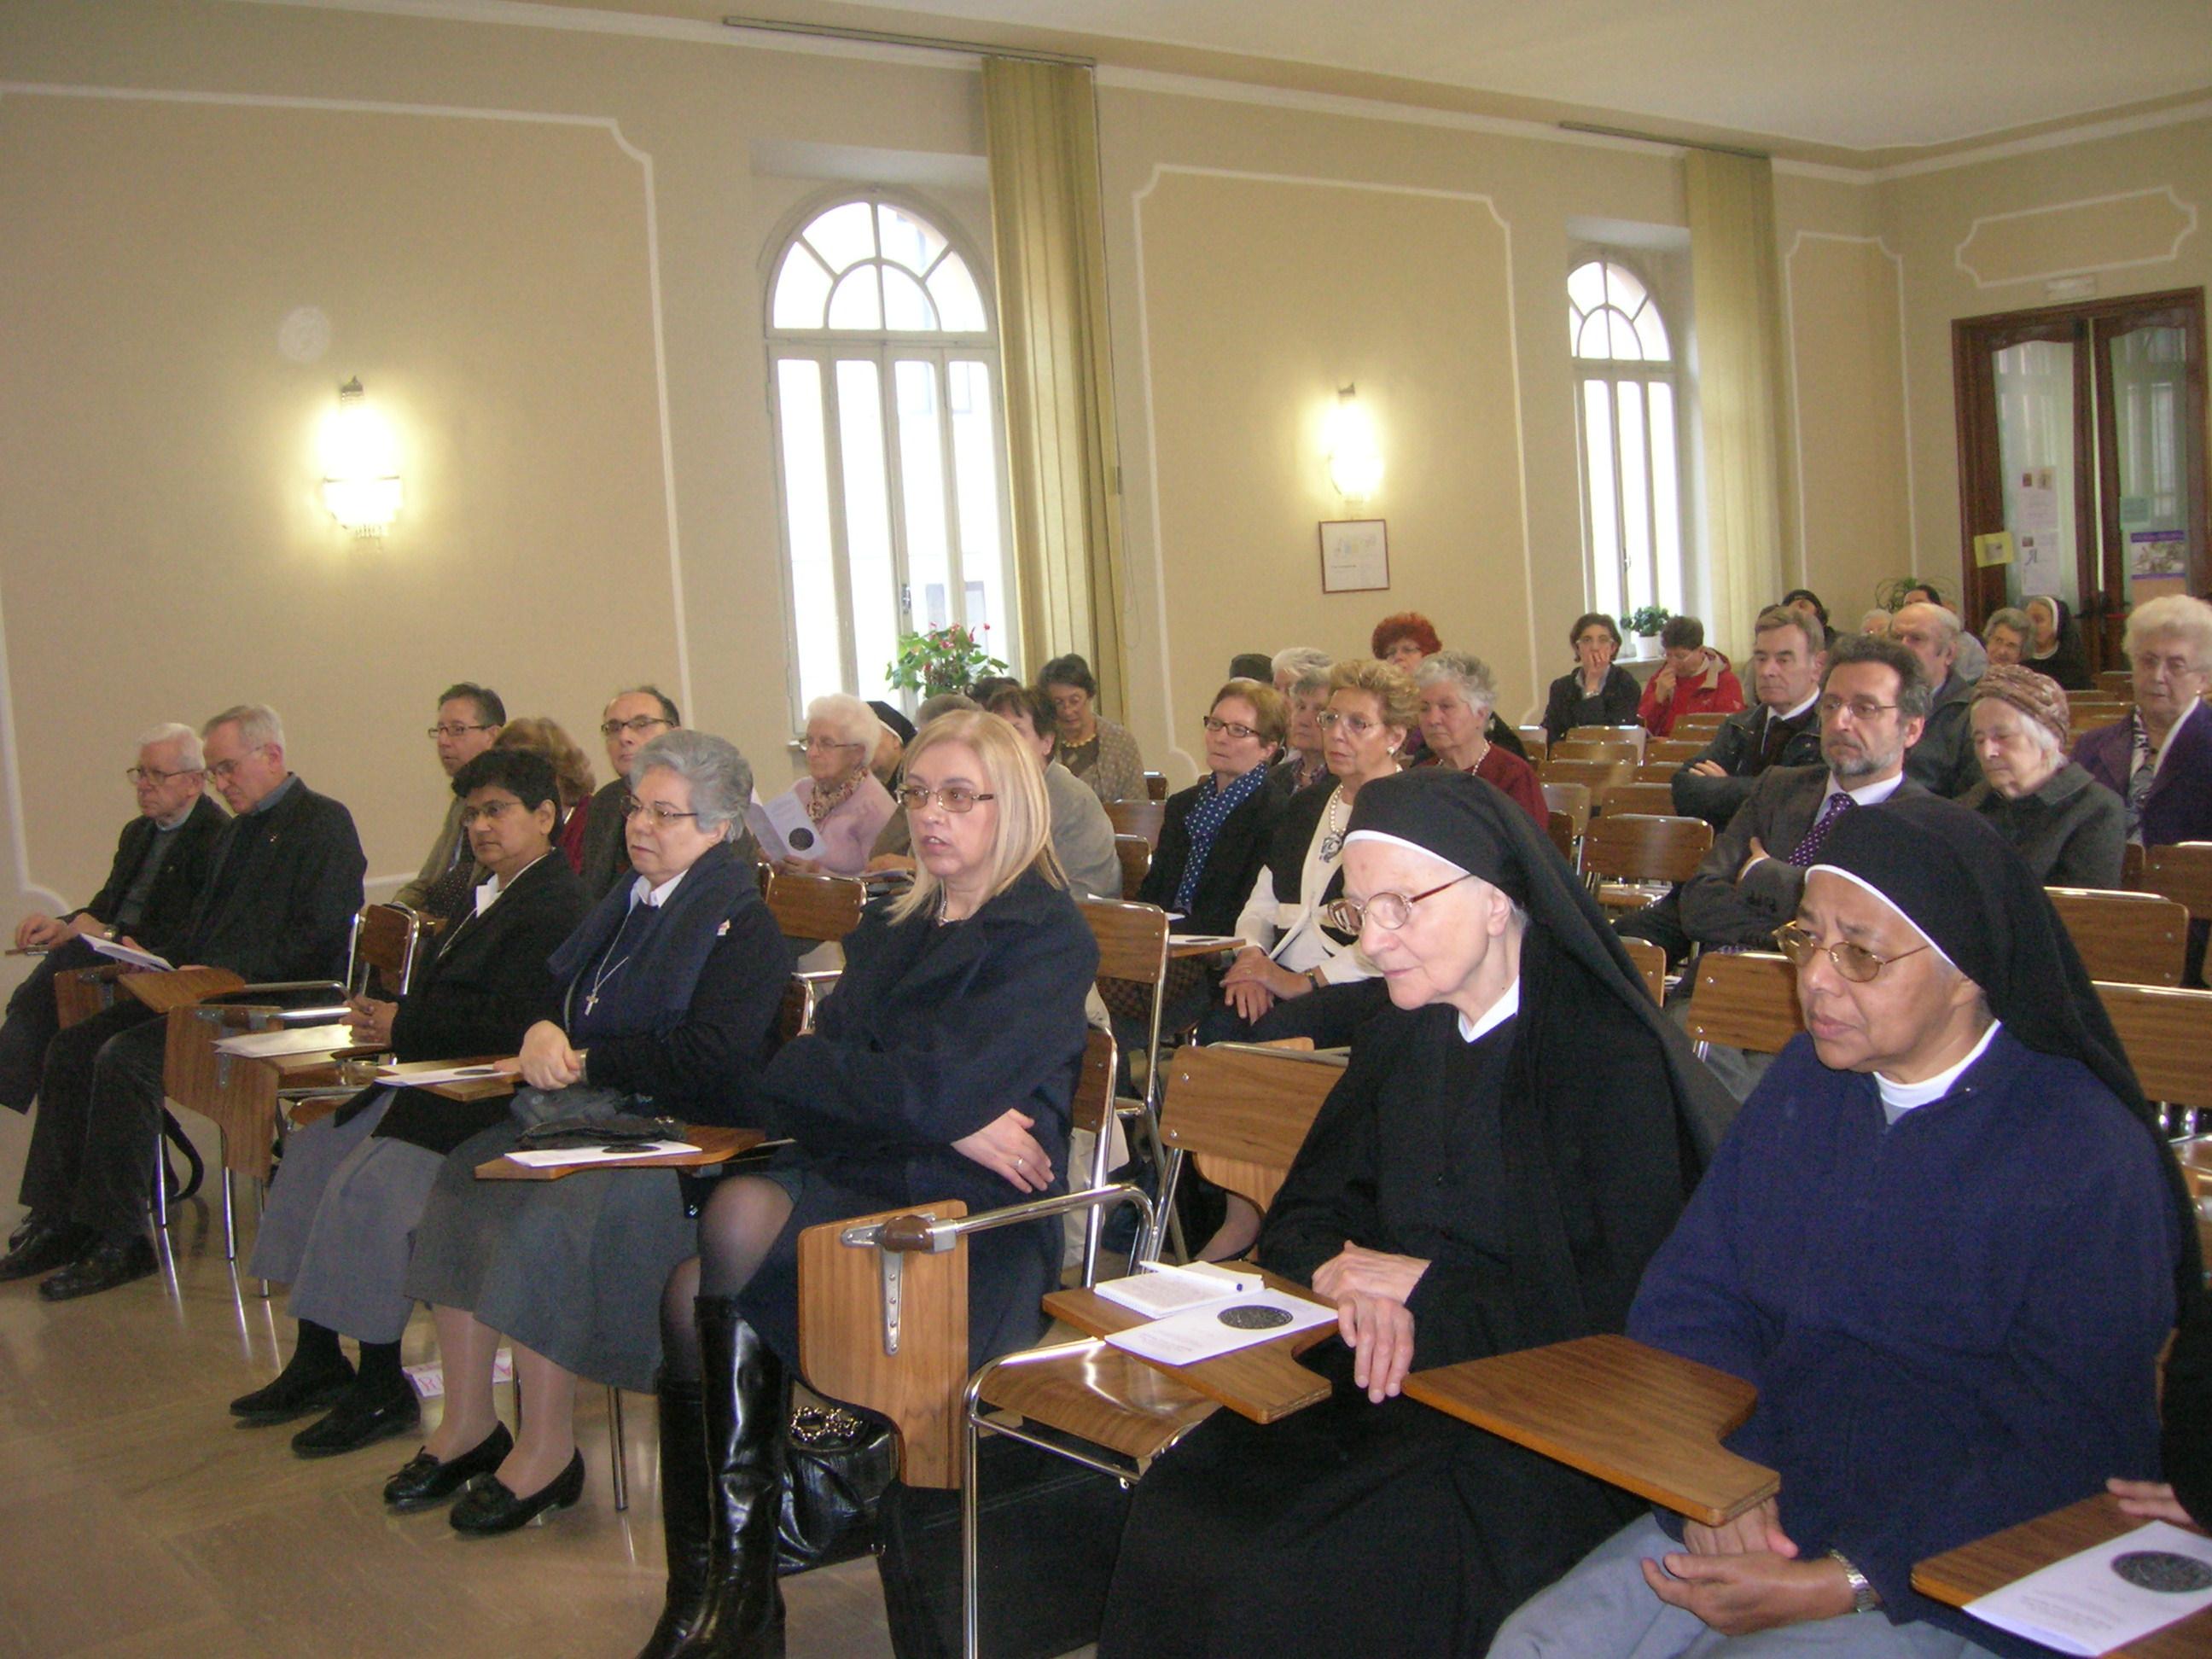 presentazione-diario-22-3-12-025